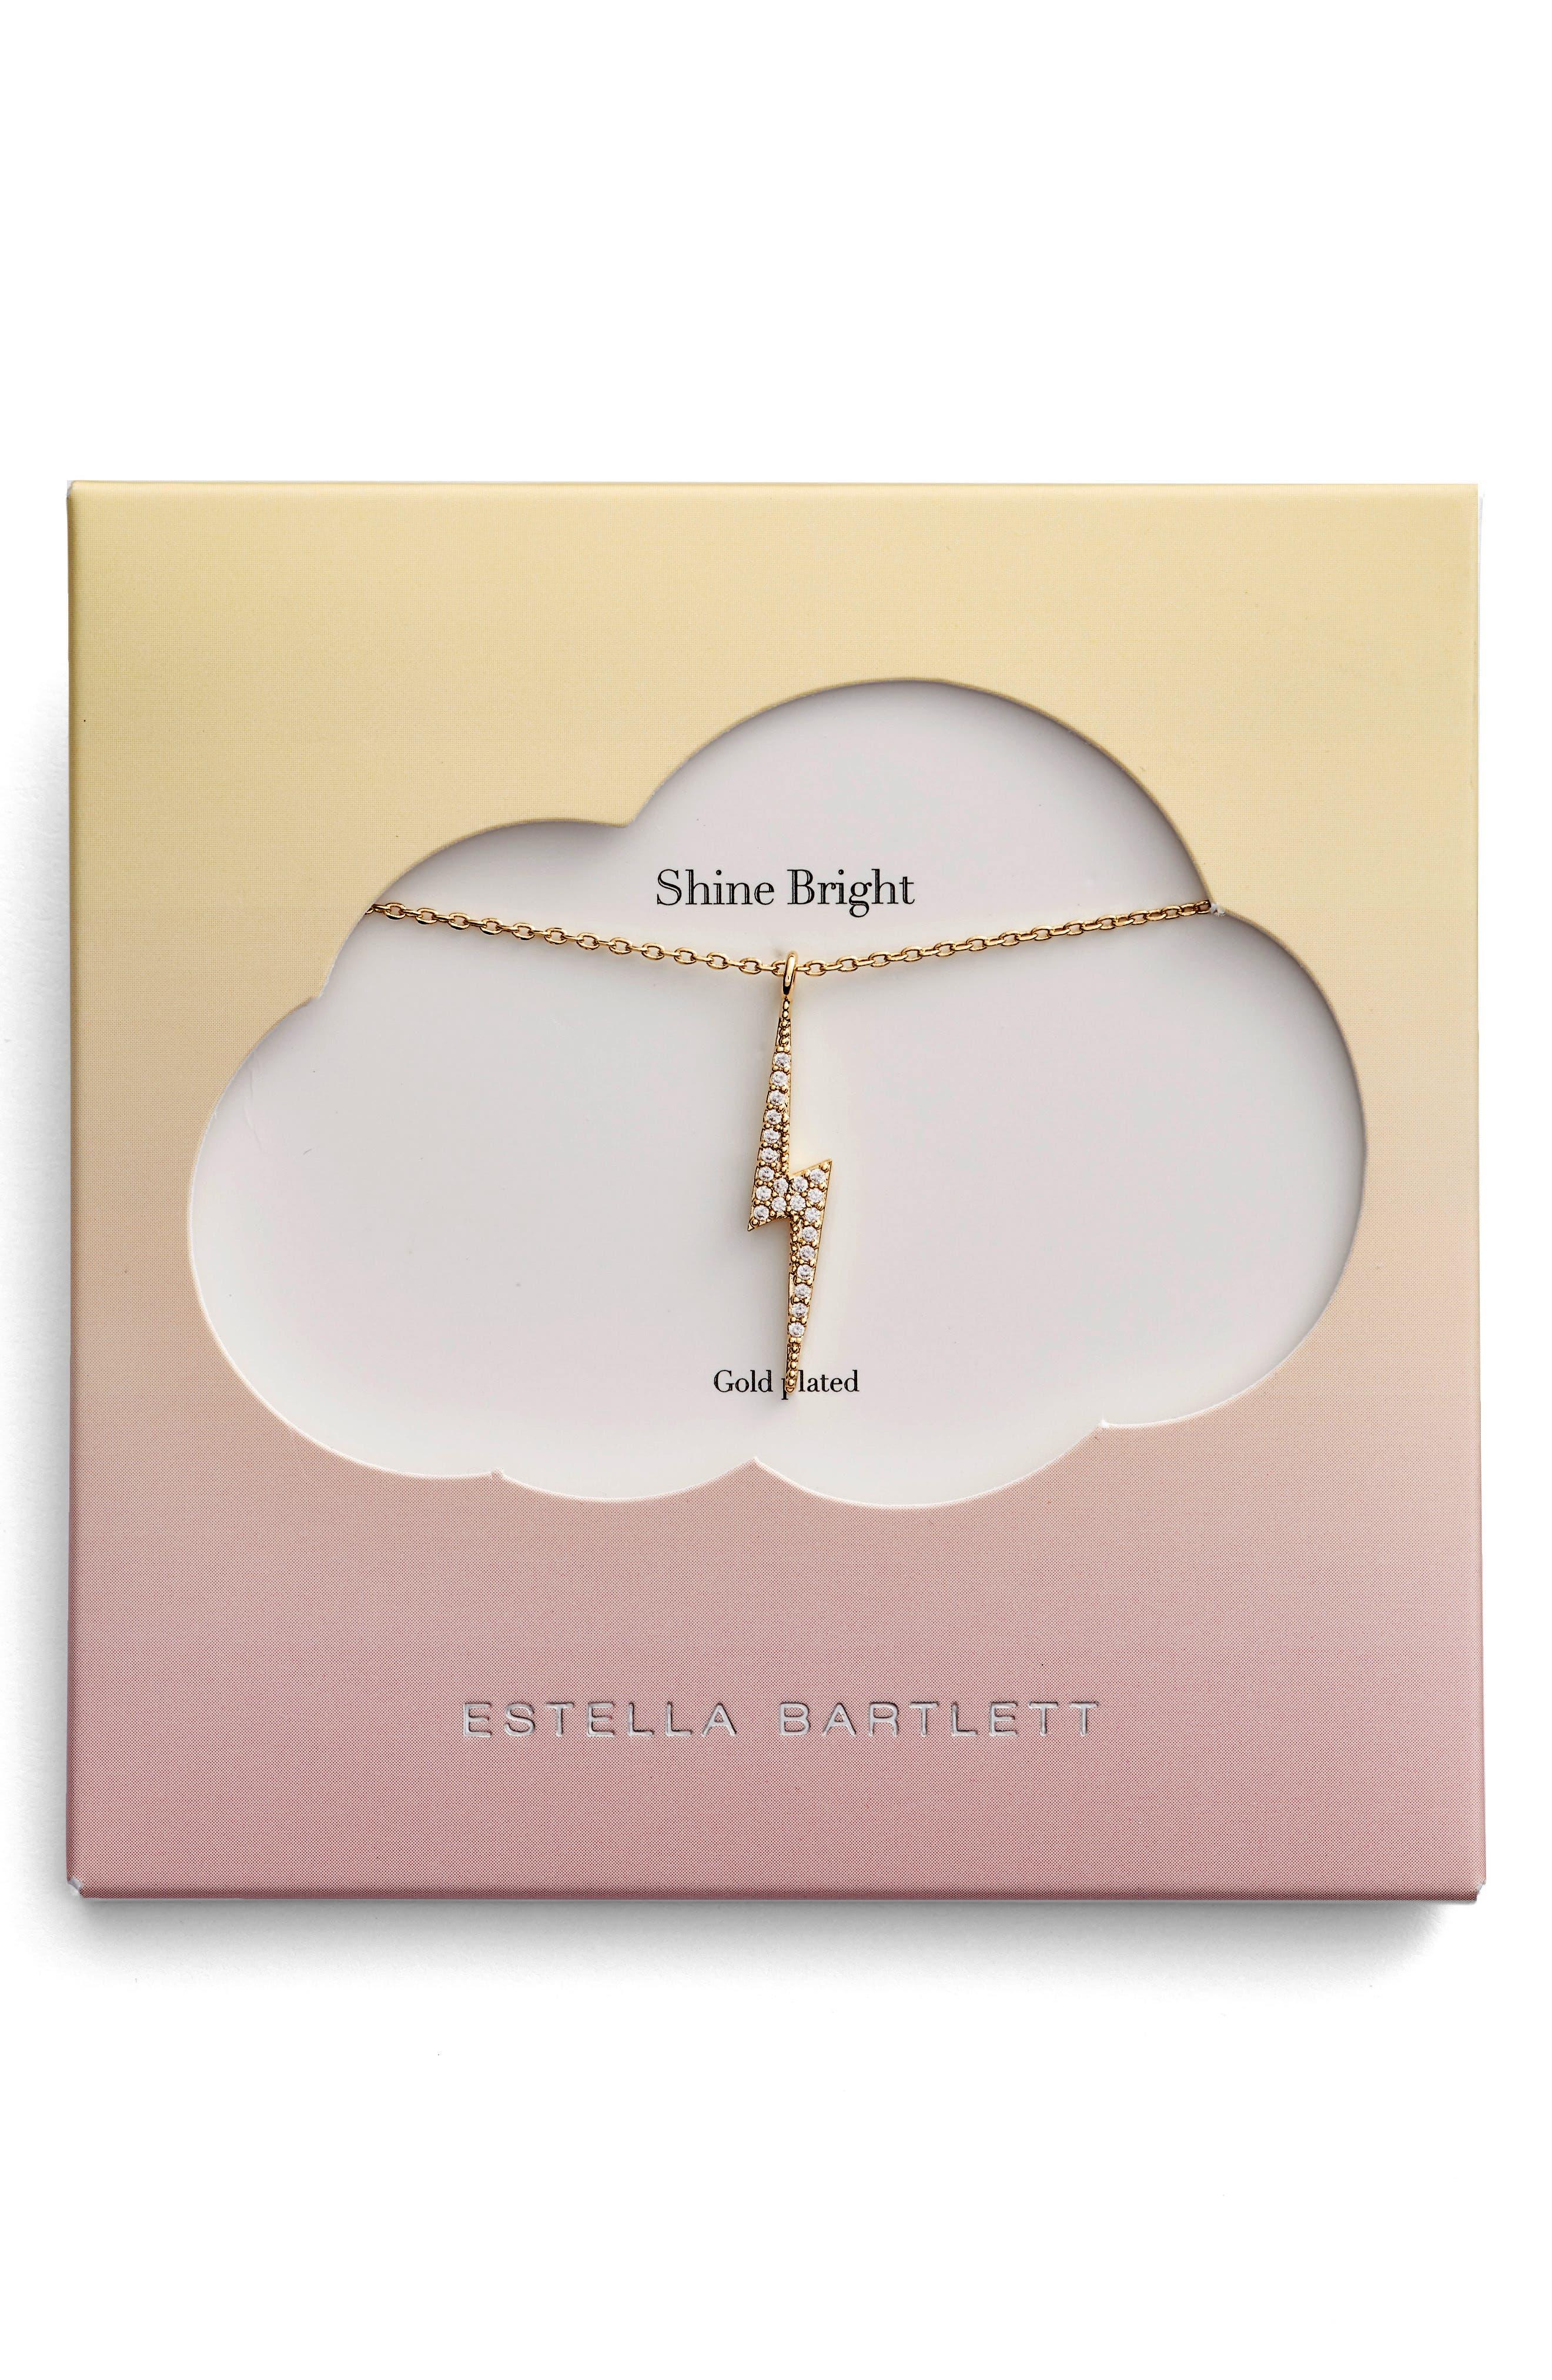 Main Image - Estella Bartlett Shine Bright Lightening Bolt Necklace